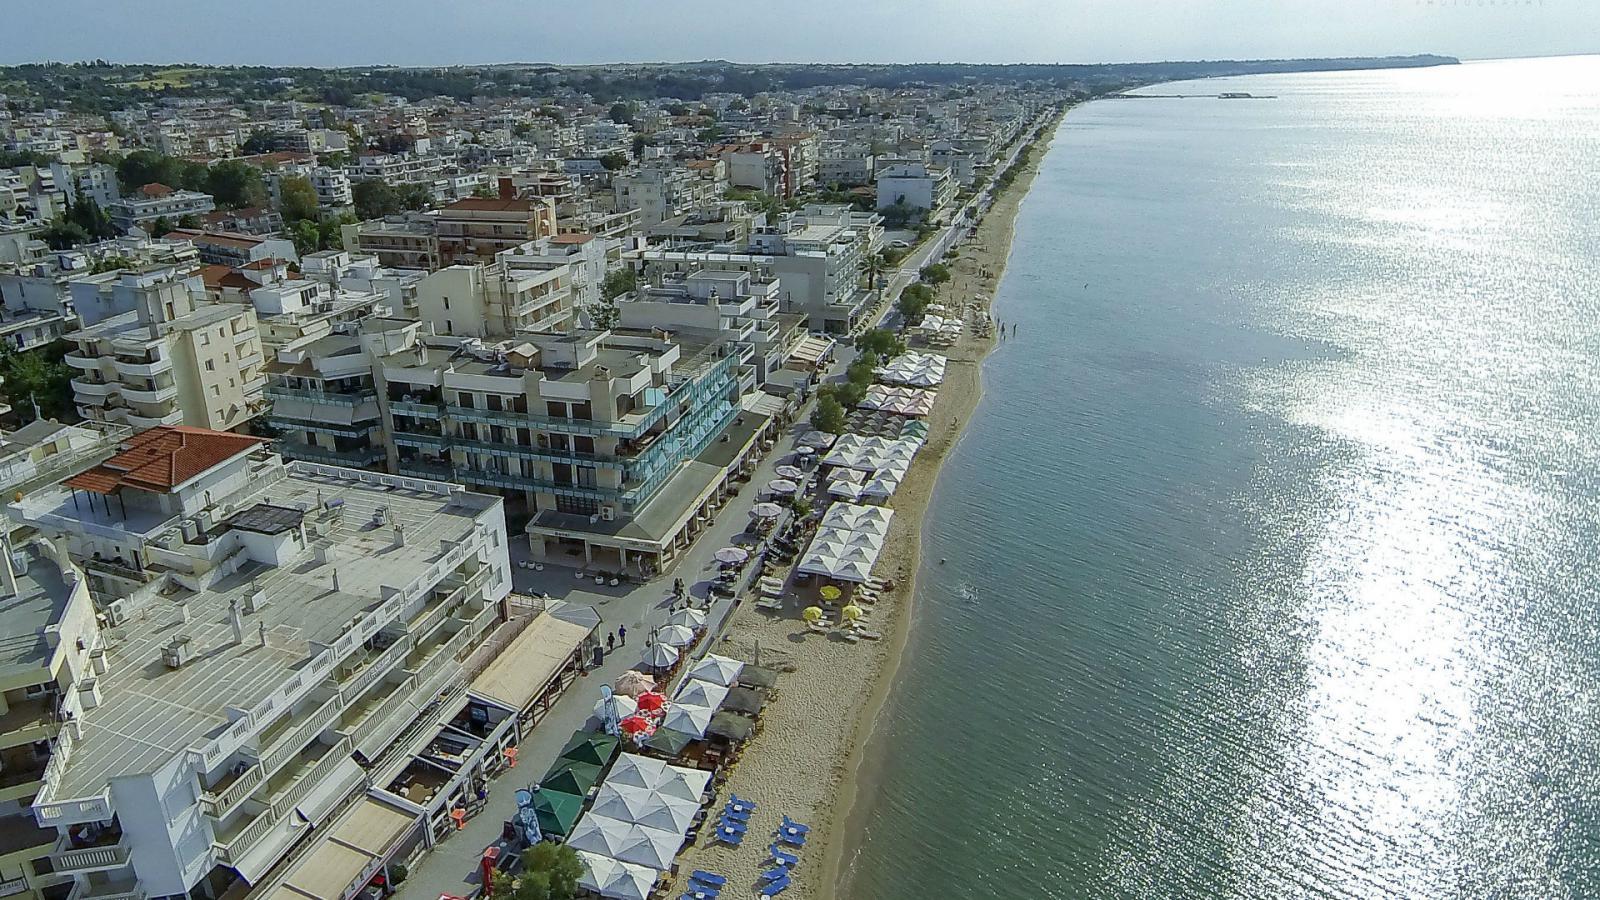 Οι πανέμορφες παραλίες του Δήμου μας (ΒΙΝΤΕΟ)